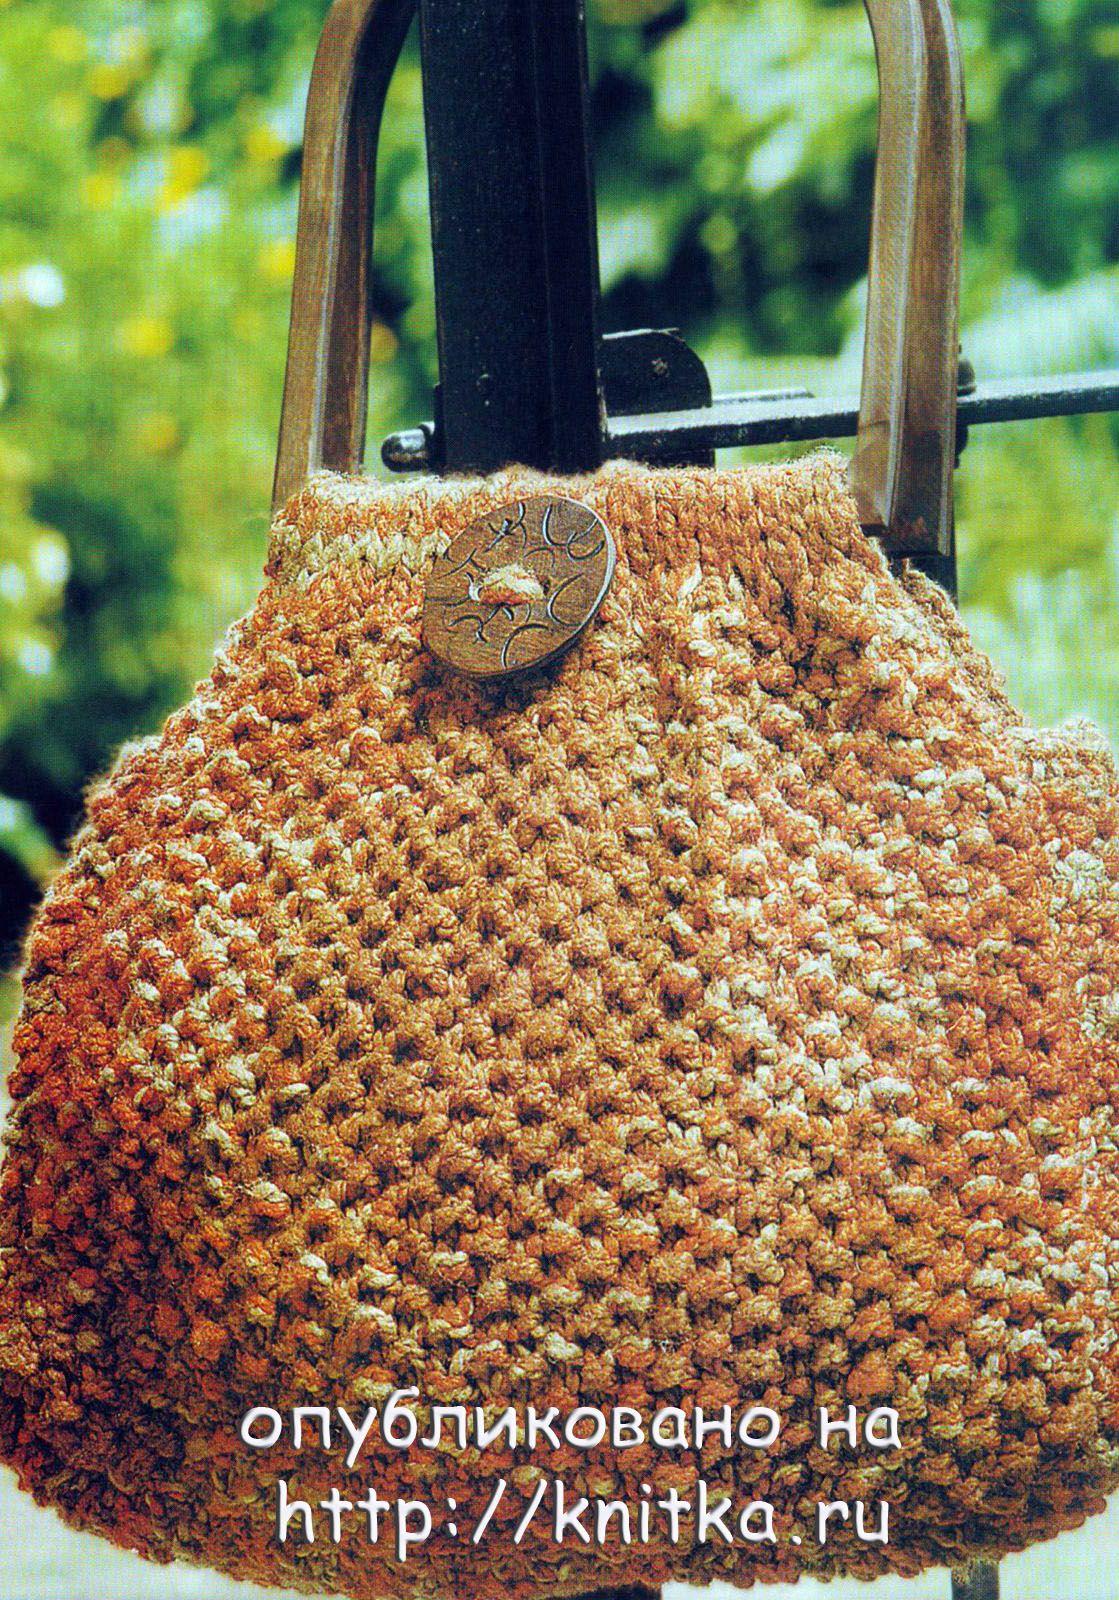 Размер вязаной сумки: 42 х 25 см. Вам потребуется: пряжа 3 мотка Baby Superwash (100% шерсти, 200 м/50 г) черной...